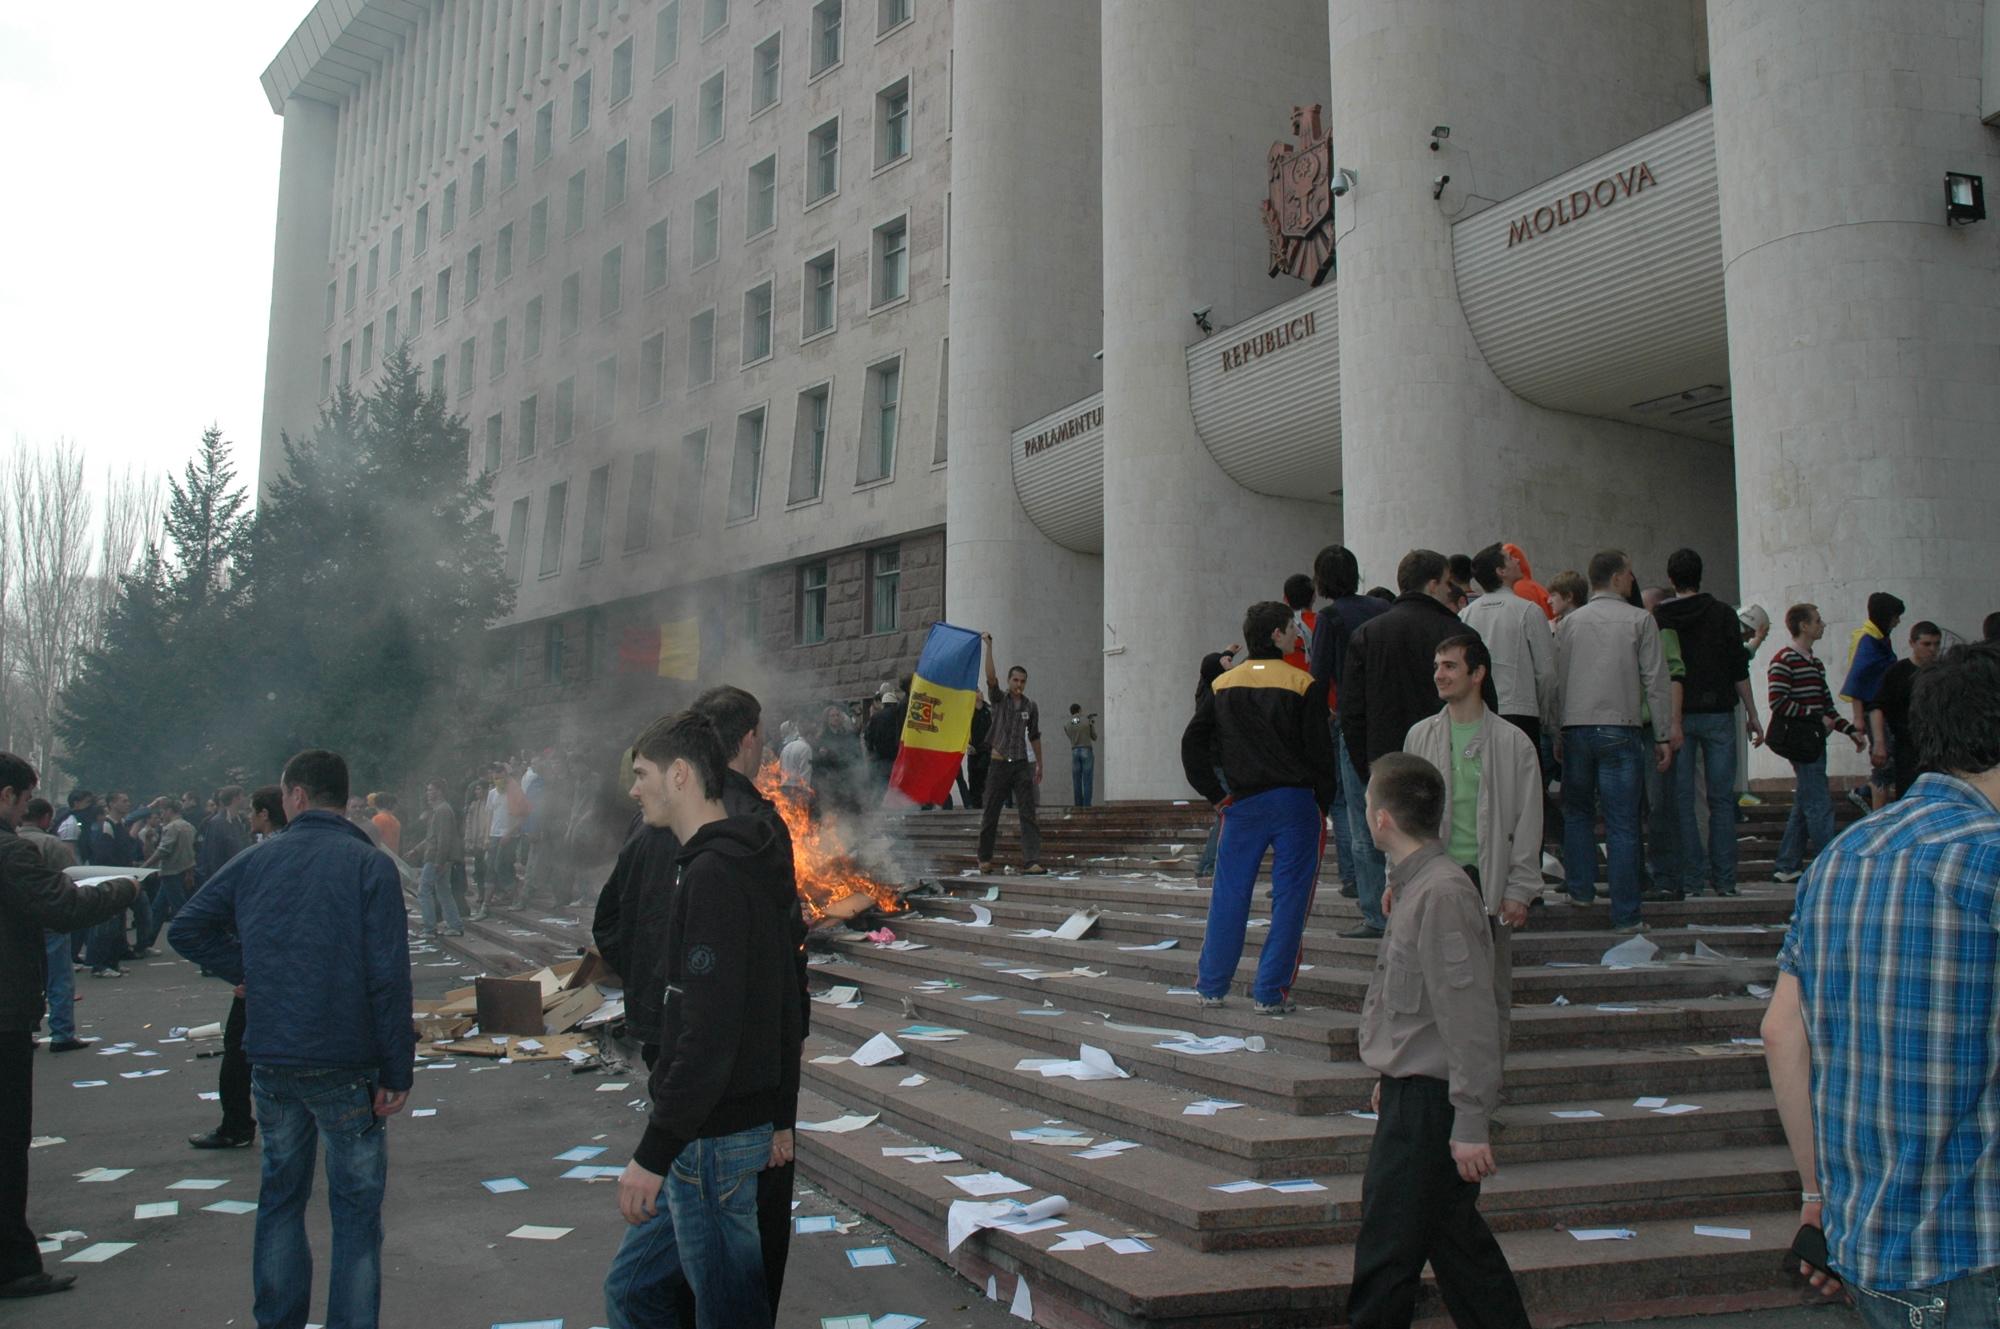 Demonstranten stürmen das Parlamentsgebäude (7. April 2009)